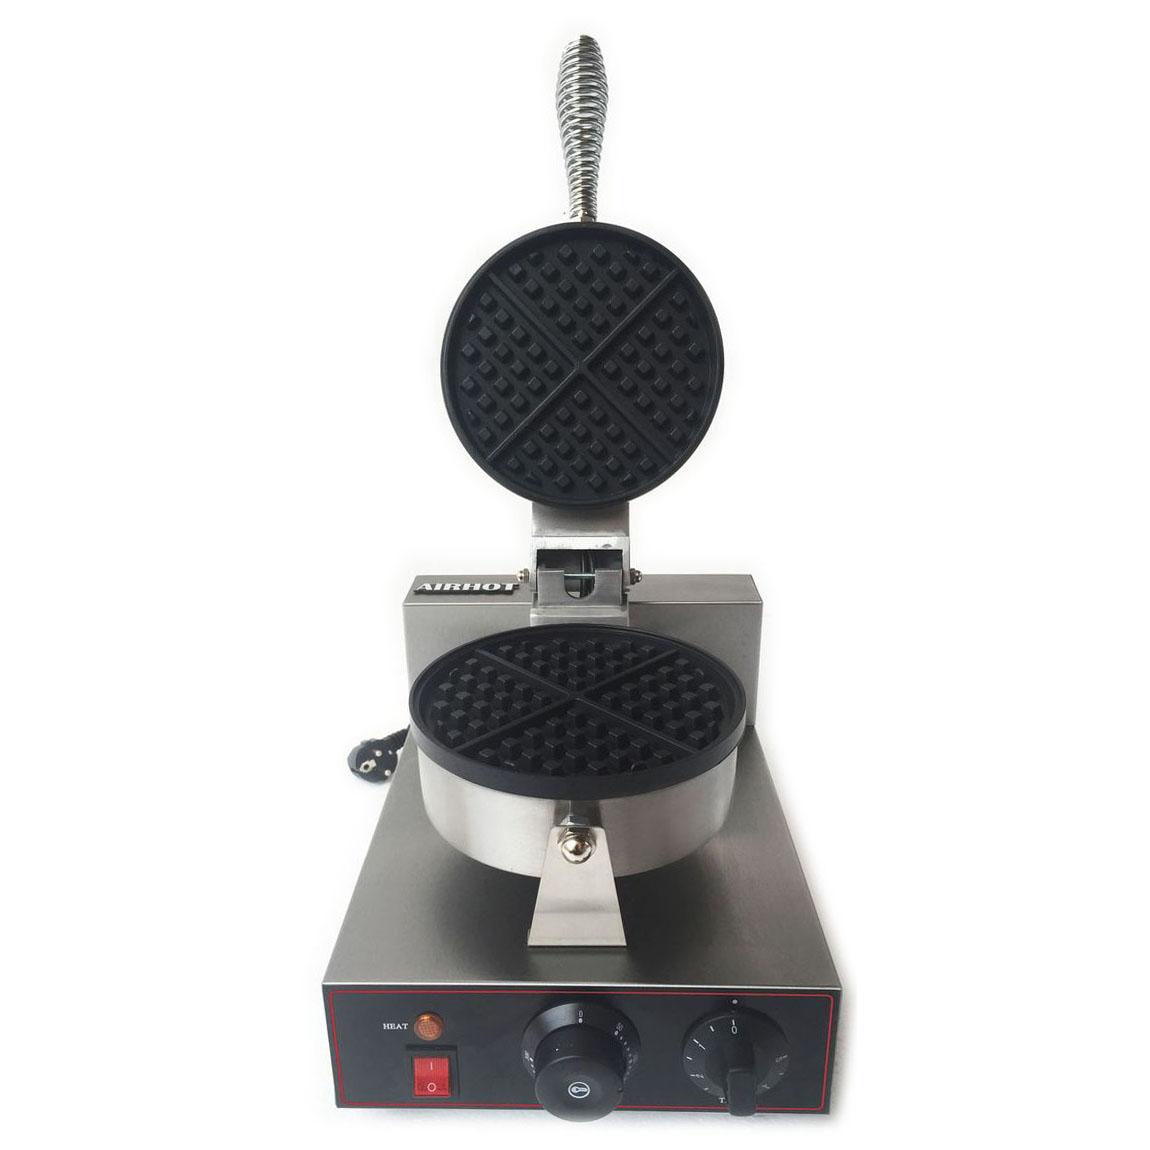 Вафельница для бельгийских вафель Airhot WE-1